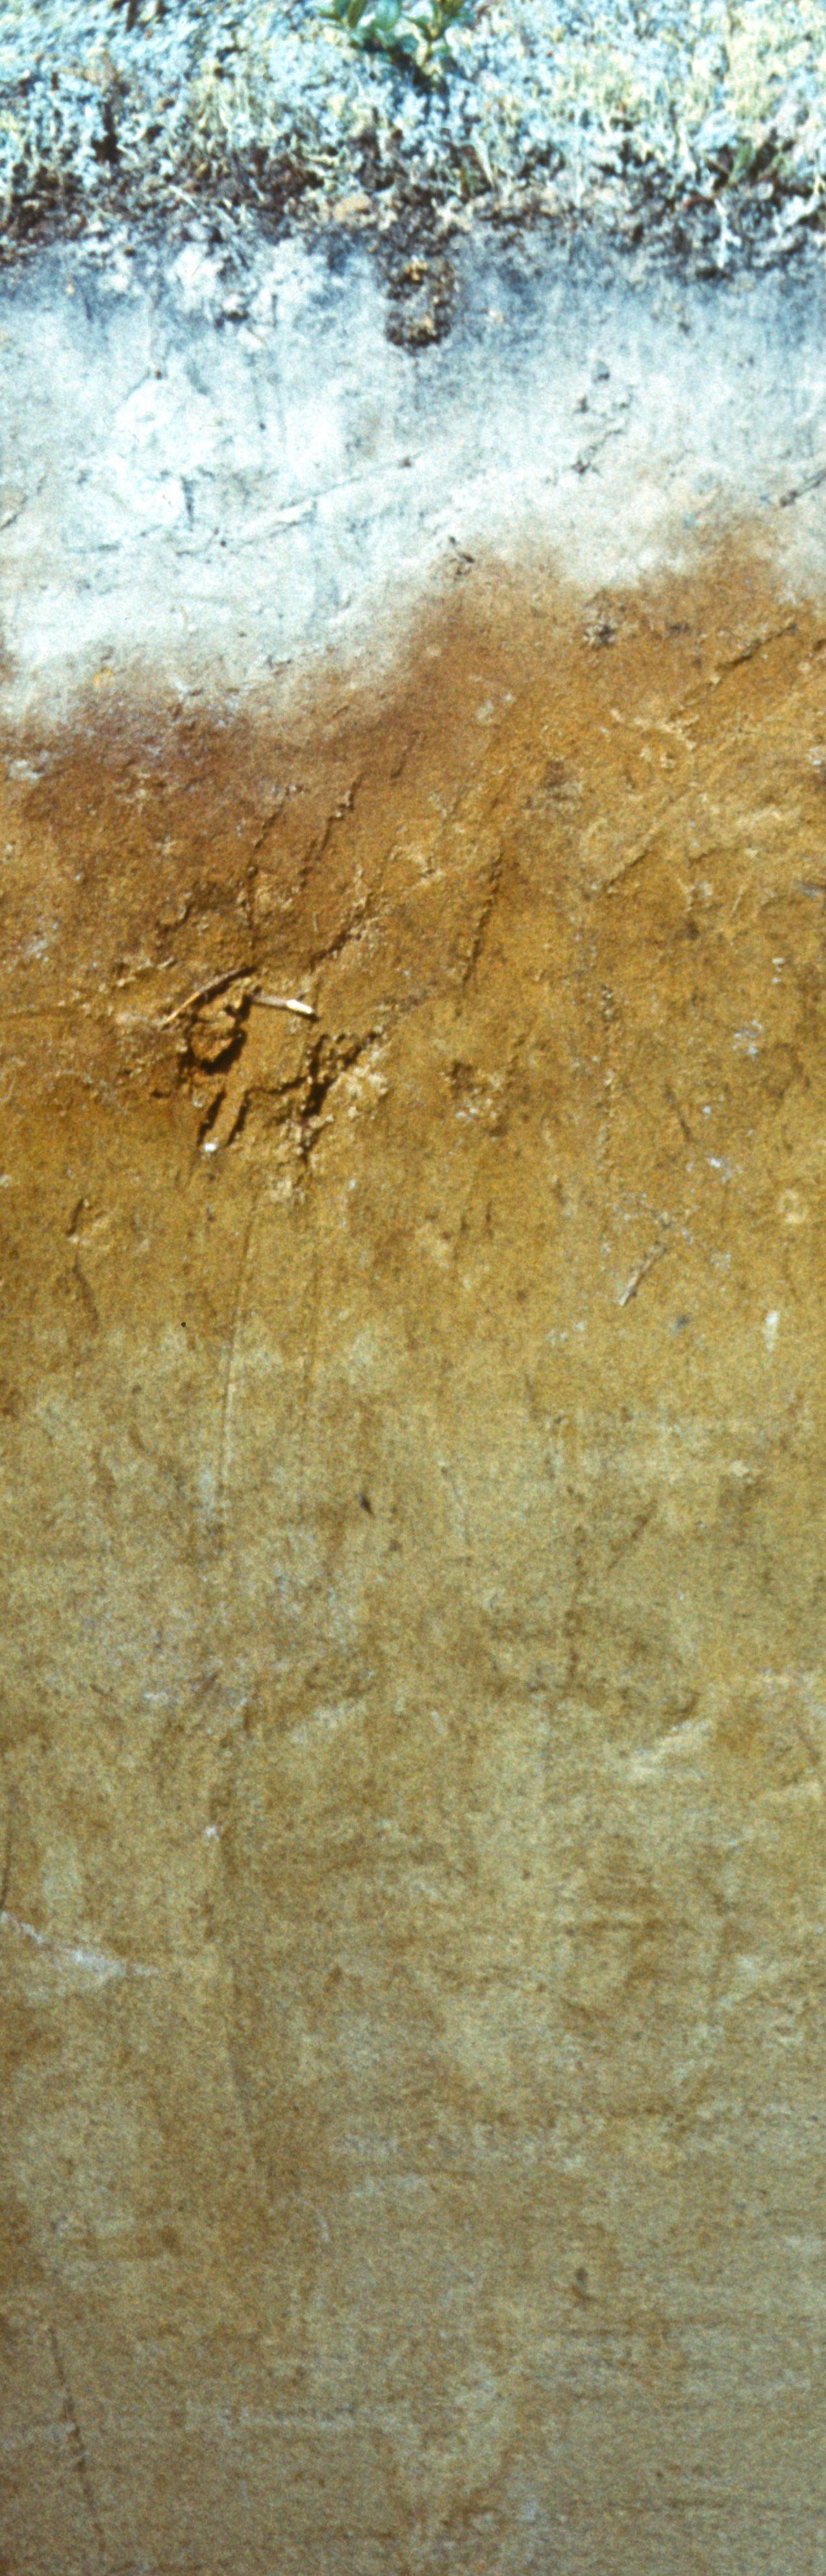 Цвета и фактура почвы